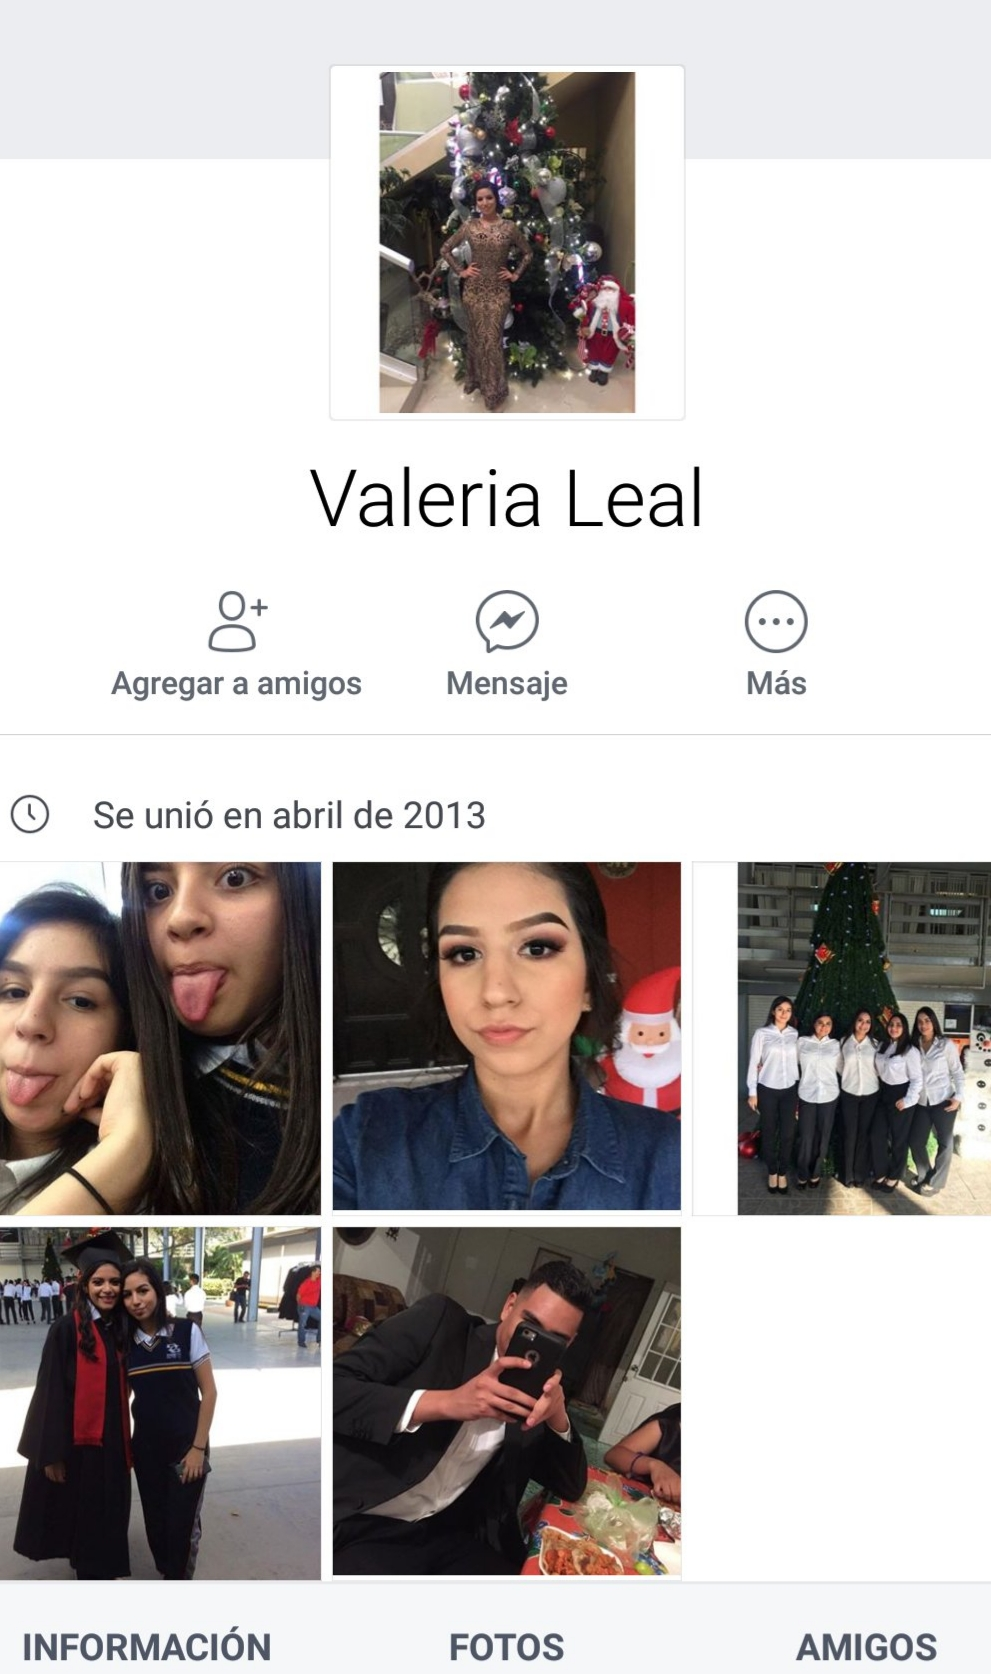 Valeria Leal. Colegiala de Ricas Tetas(Fotos+Videos) 1